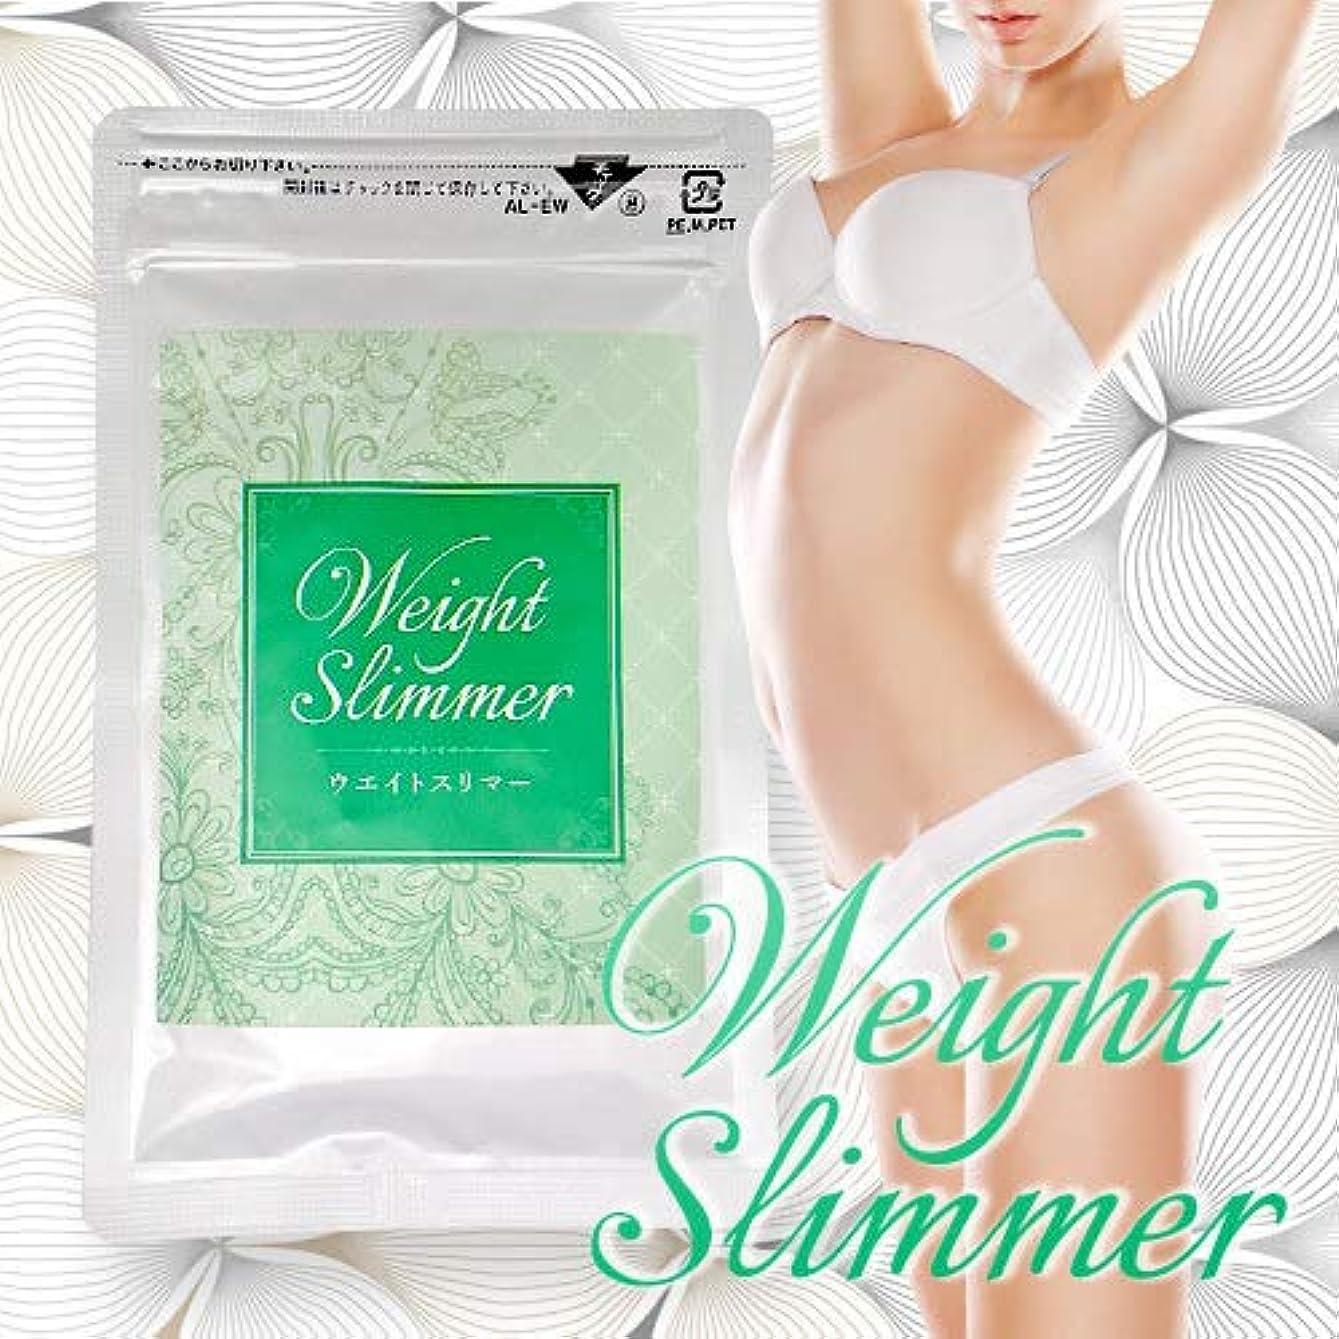 人形地元部屋を掃除するウェイトスリマー Weight Slimmer ダイエット ダイエットサプリメント